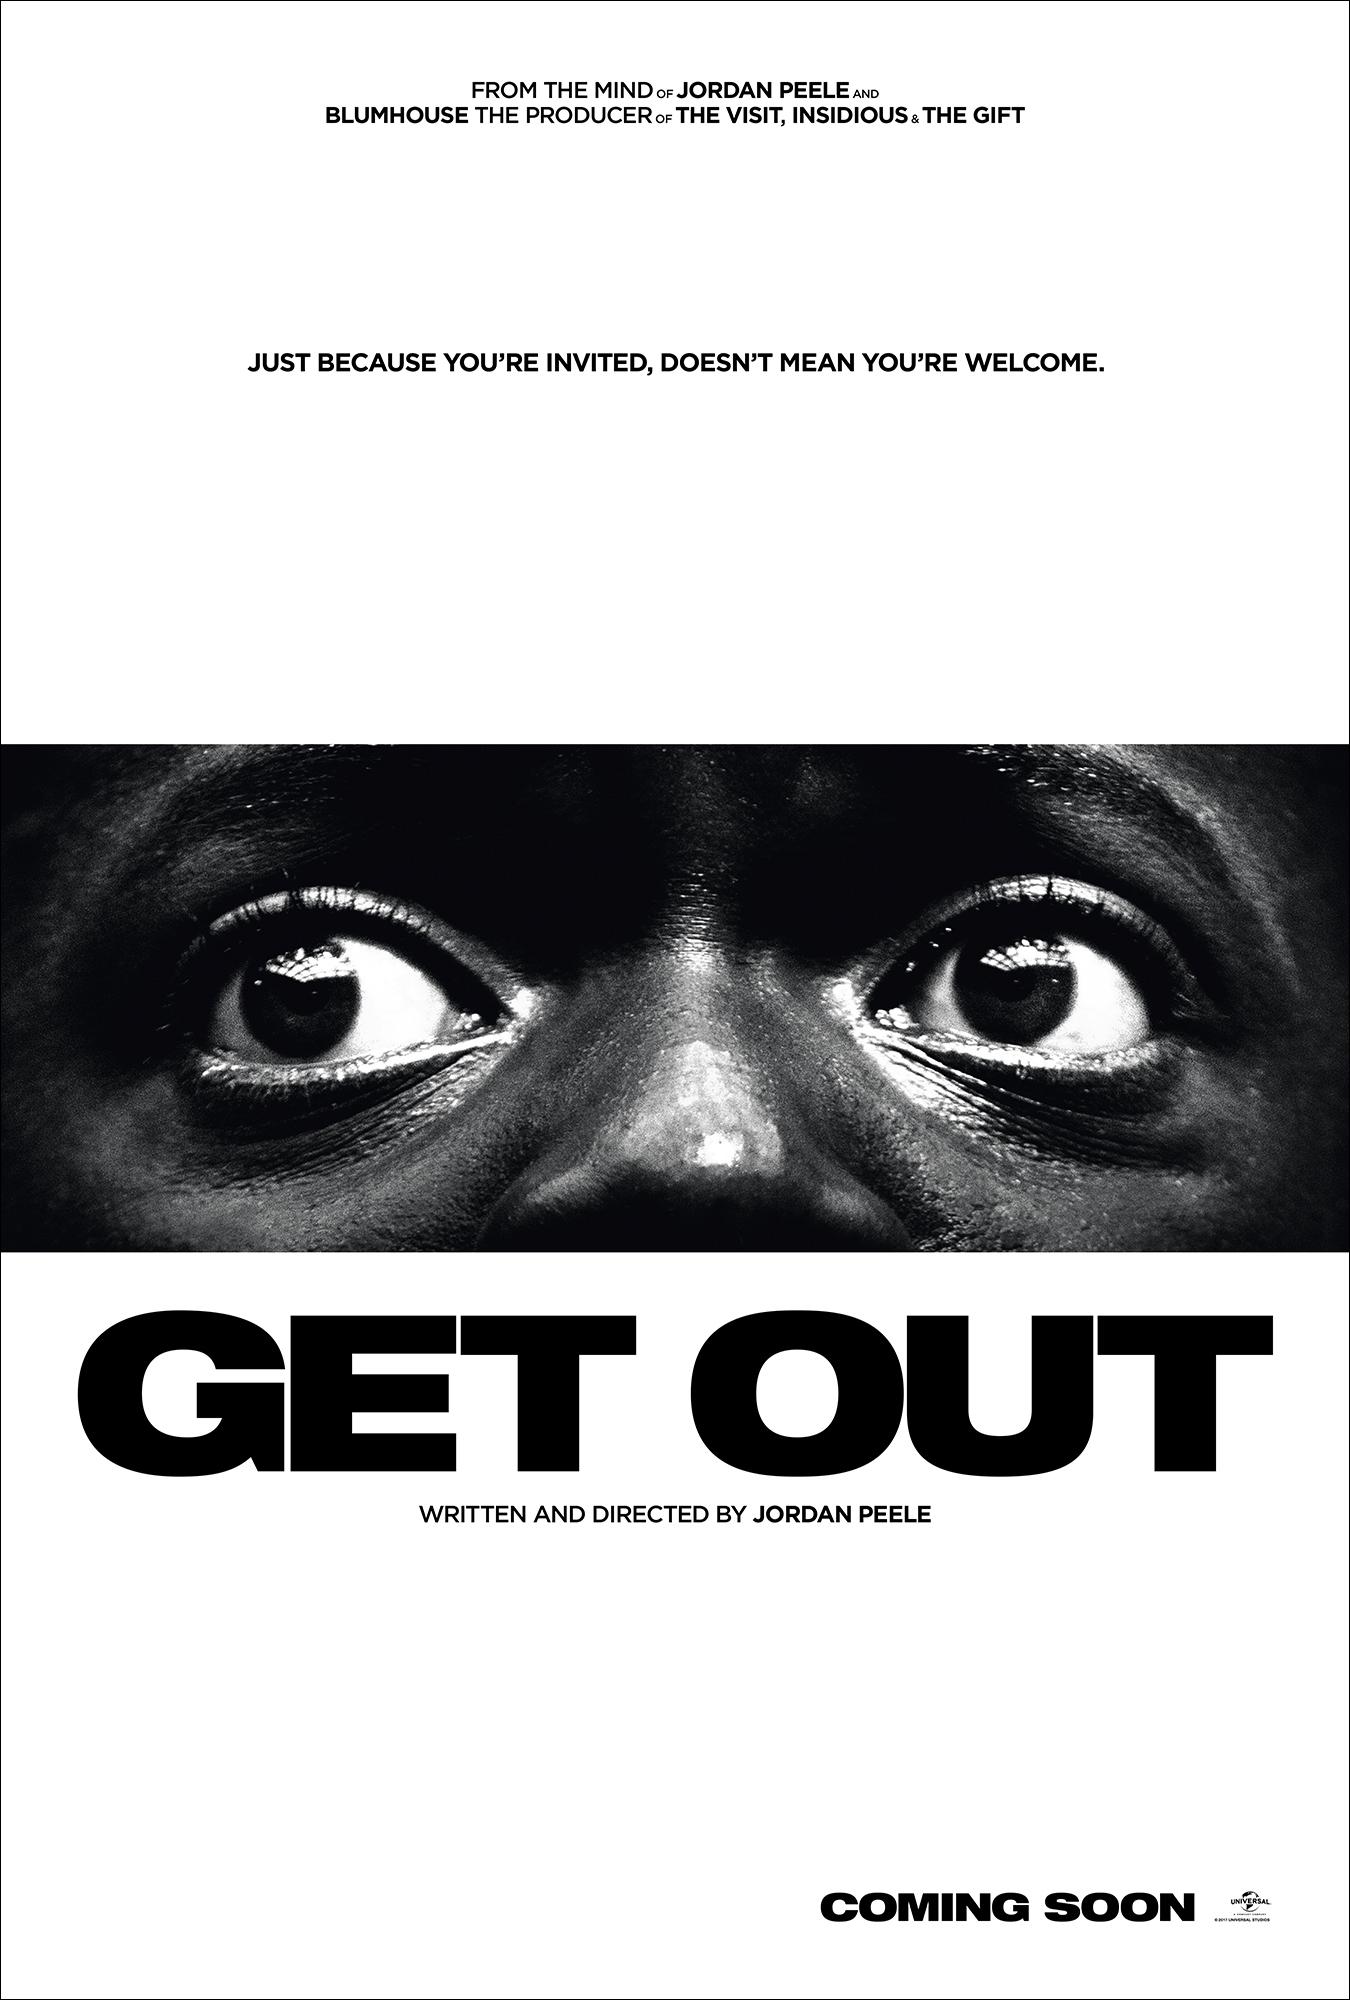 GetOut_Intl_1Sht_Eyes_100dpi.jpg